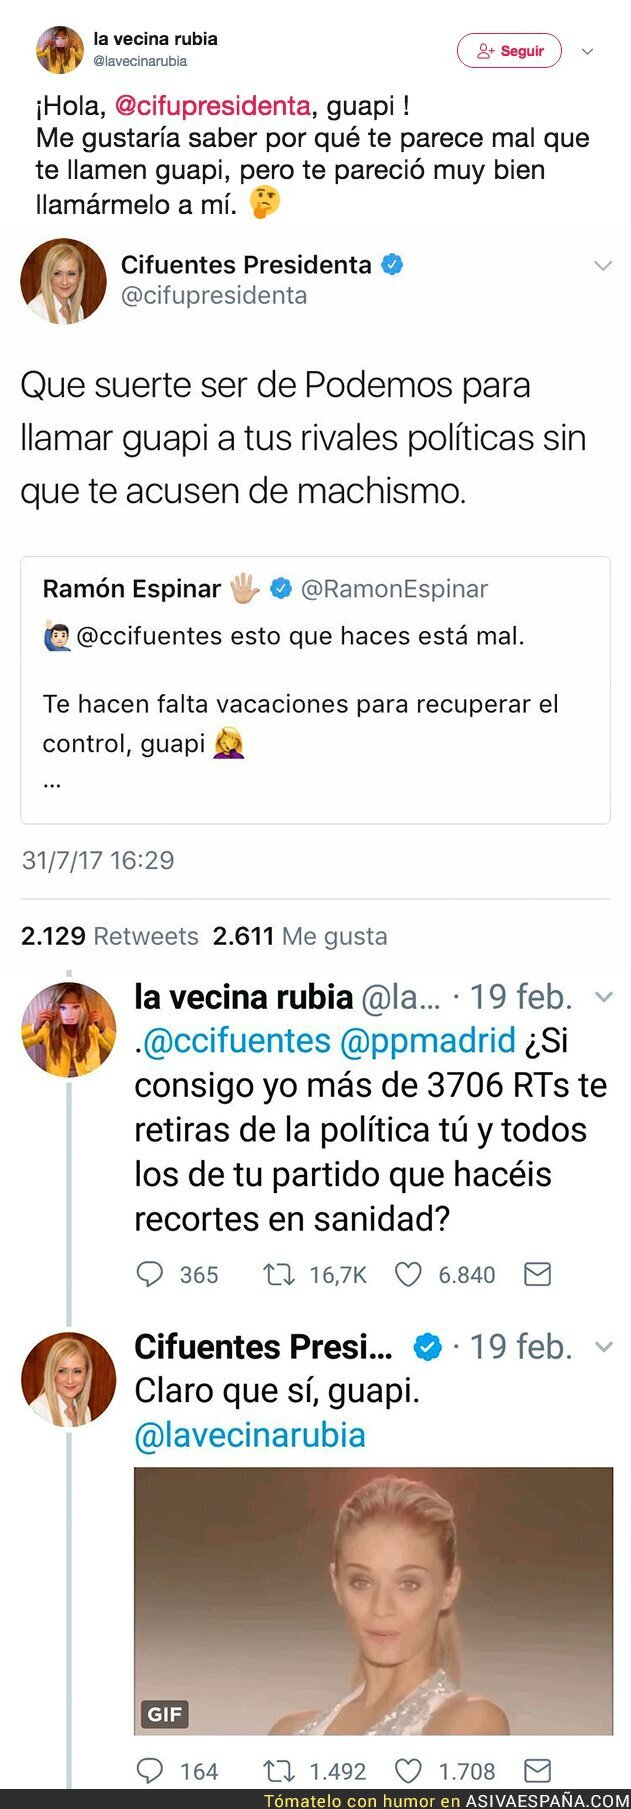 72530 - 'La vecina rubia' le pega un ZASCA a Cristina Cifuentes tras este tuit a Ramón  Espinar